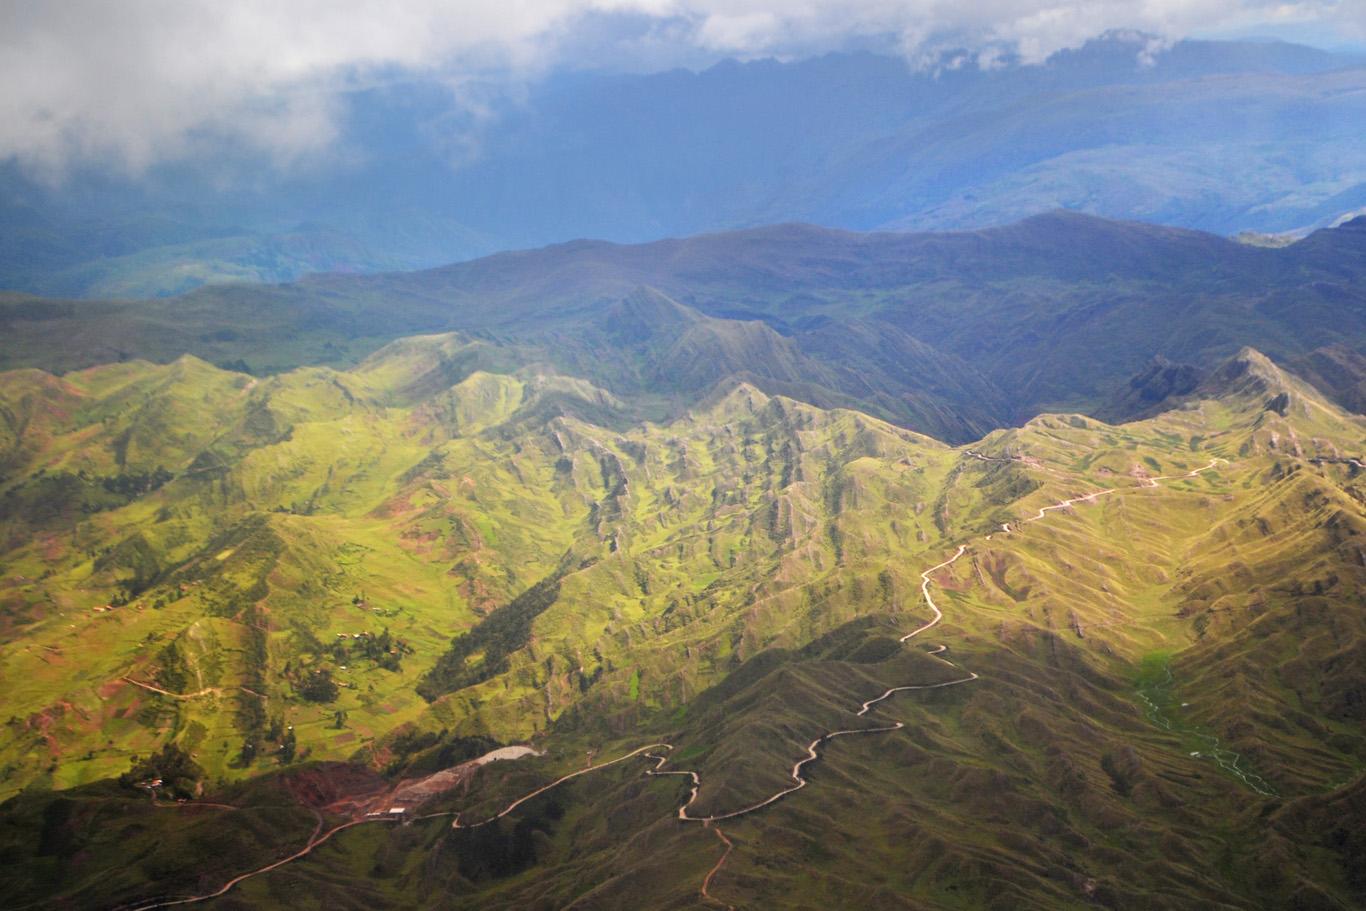 Mountains around Cuzco - aerial view